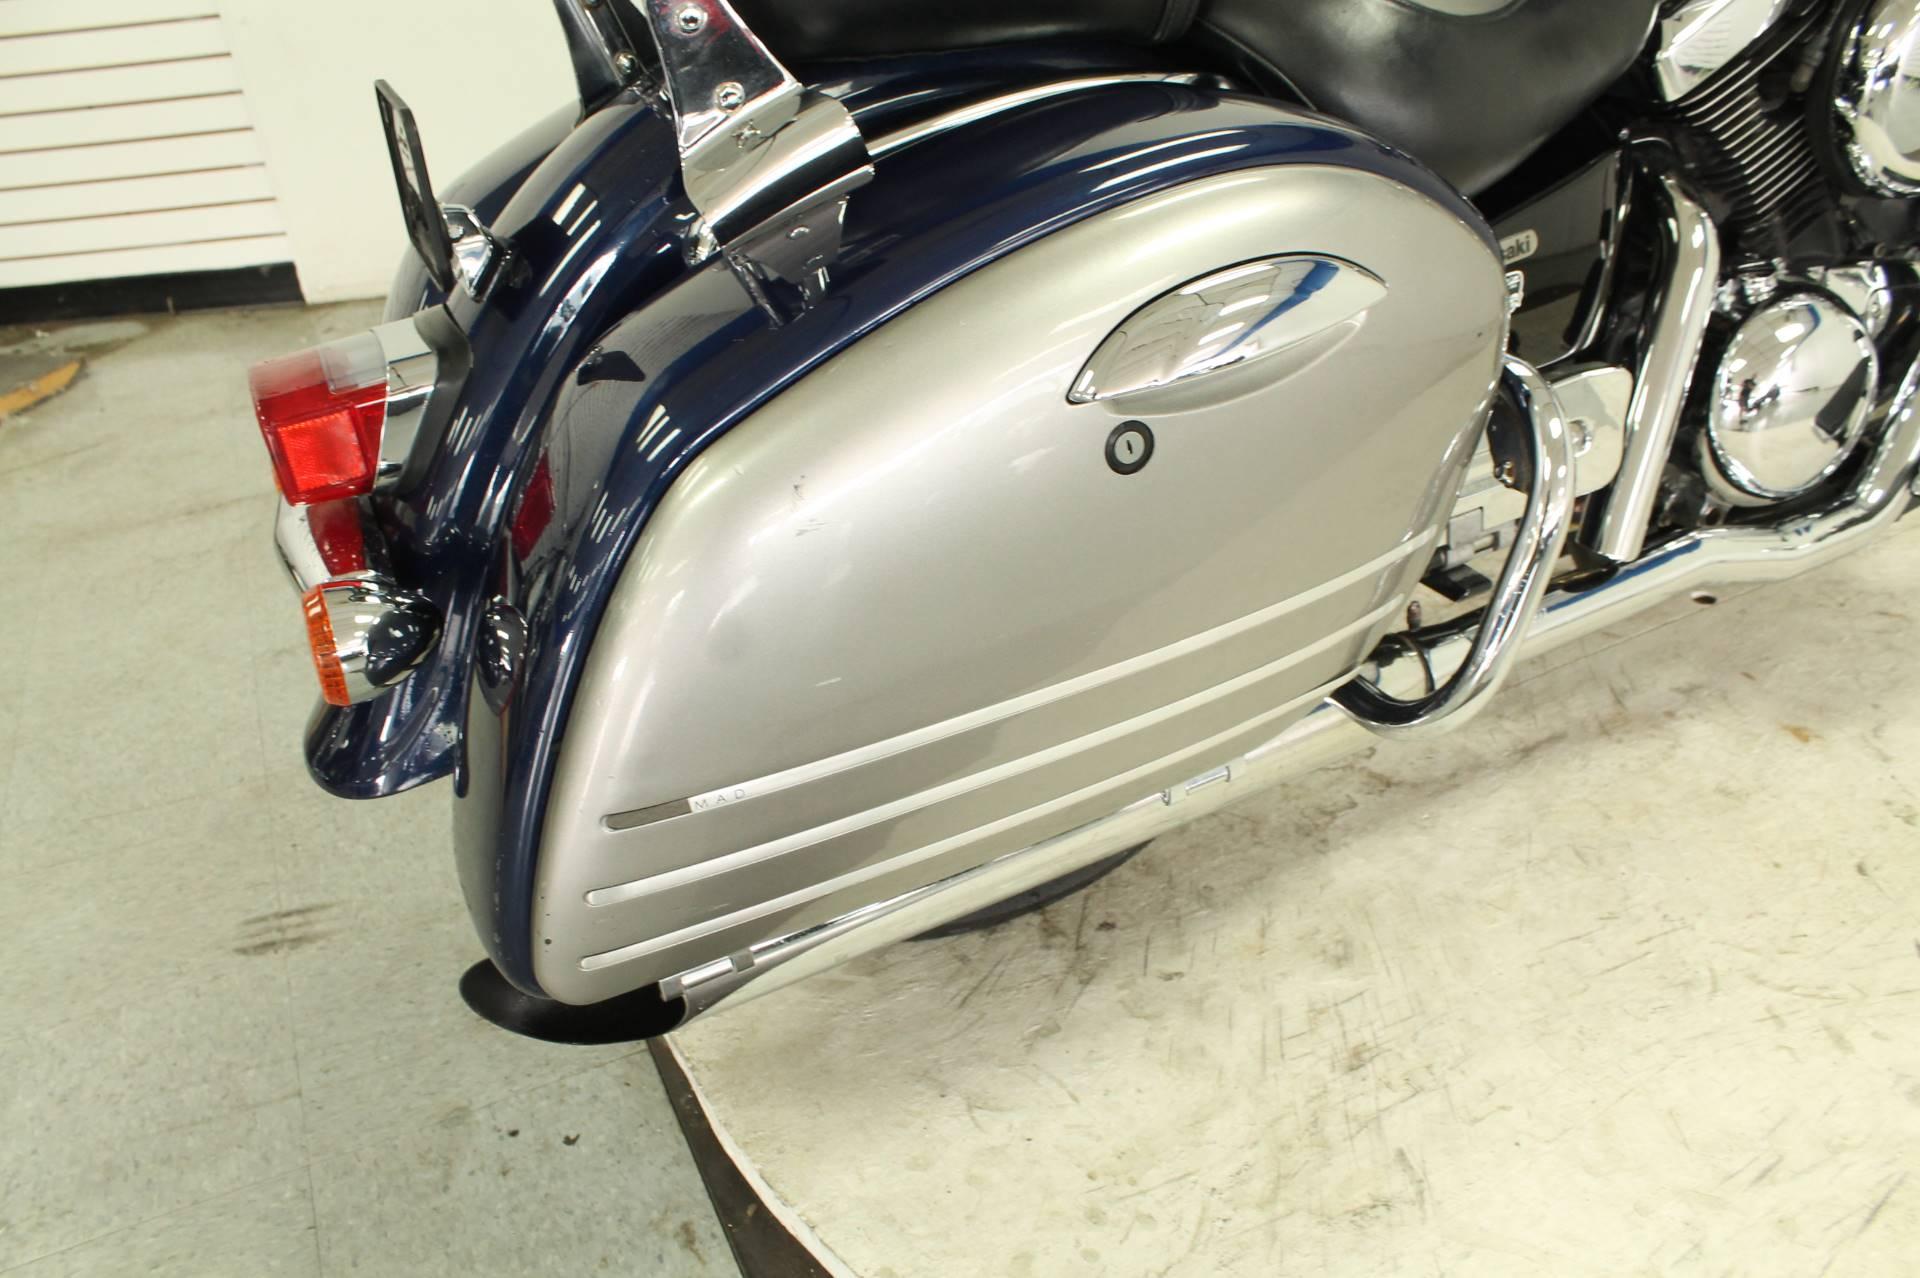 2004 Kawasaki Vulcan 1500 Nomad Fi 12